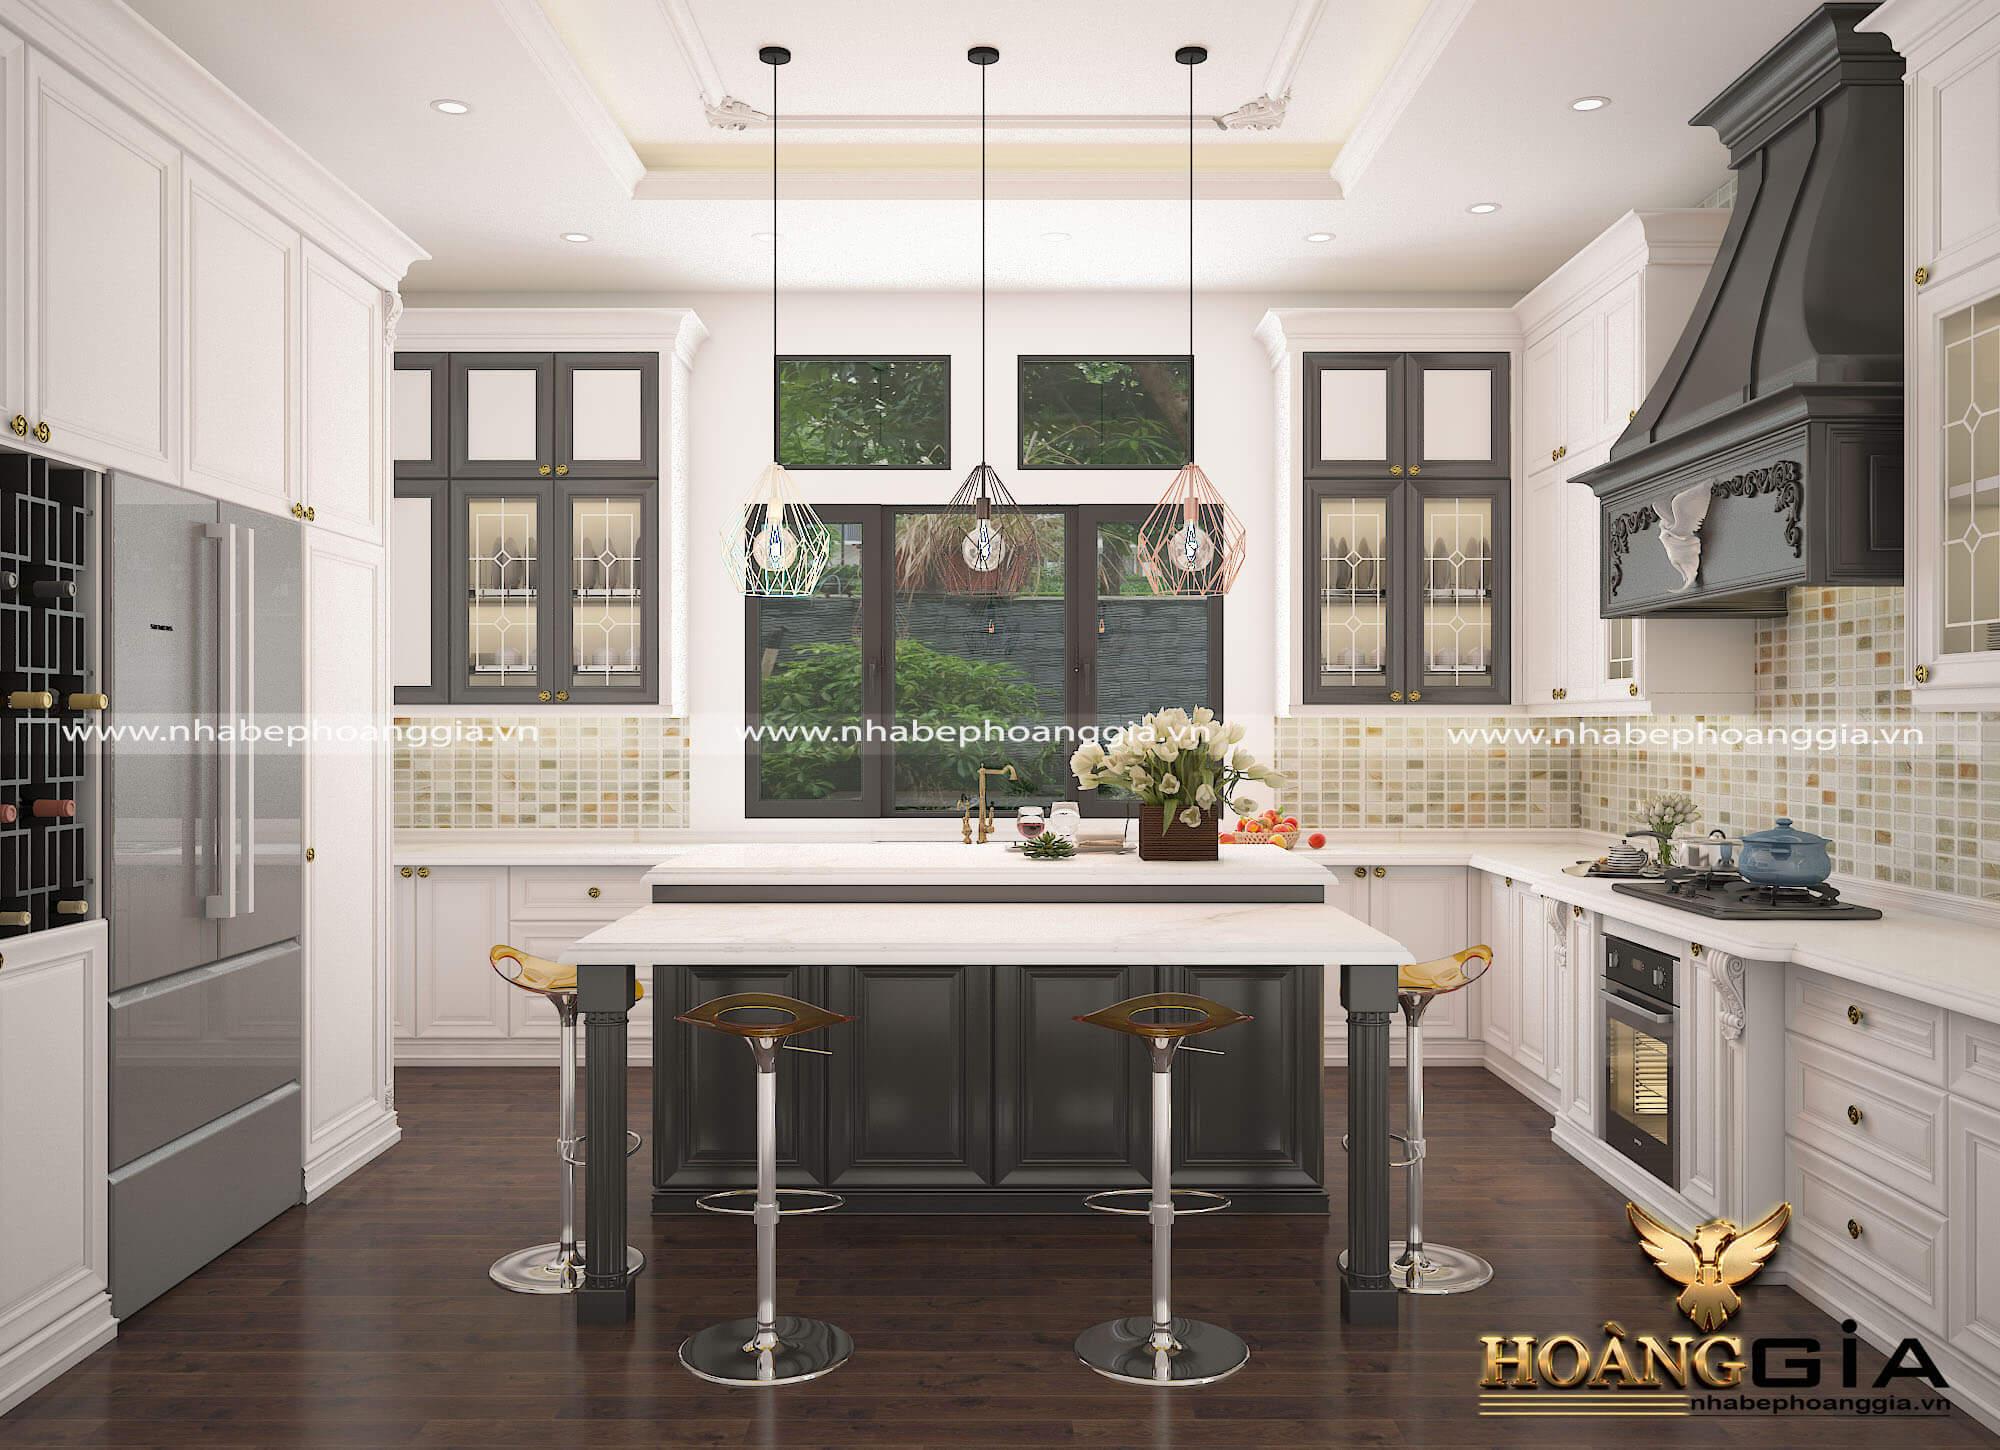 thiết kế tủ bếp tinh tế cho nhà bêp sang trọng